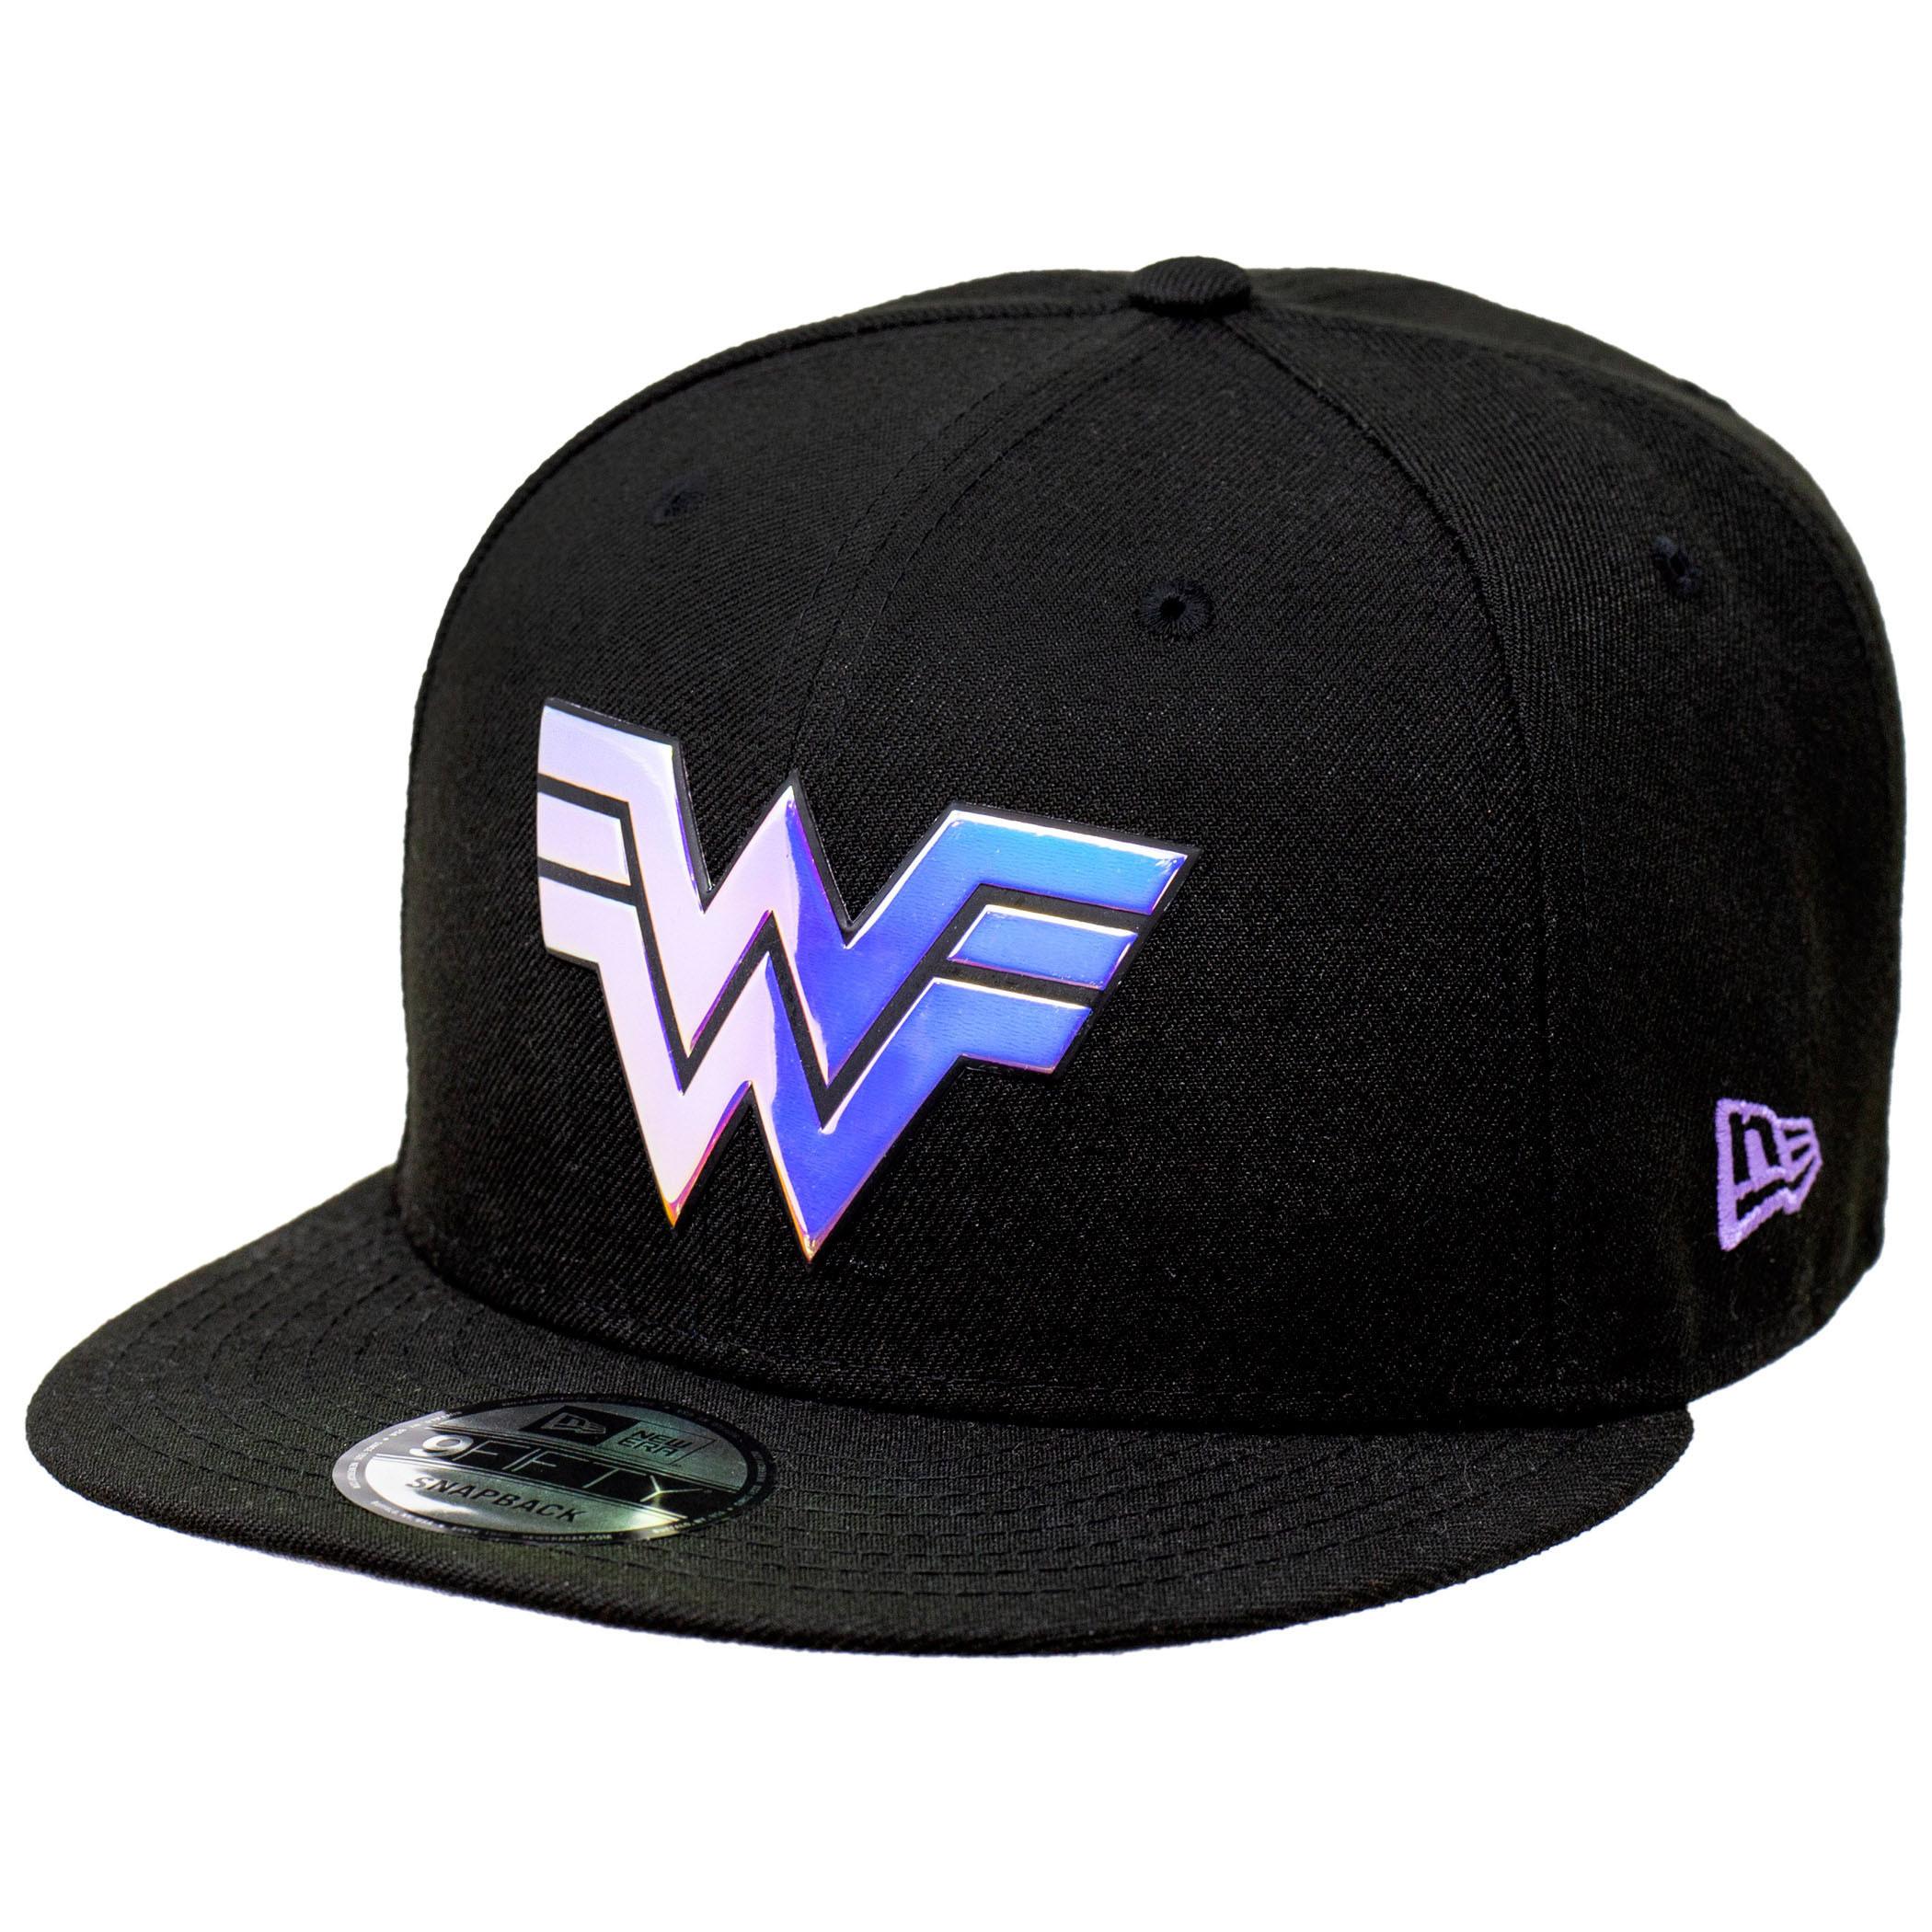 Wonder Woman 1984 Movie Denim 9Fifty Adjustable New Era Hat